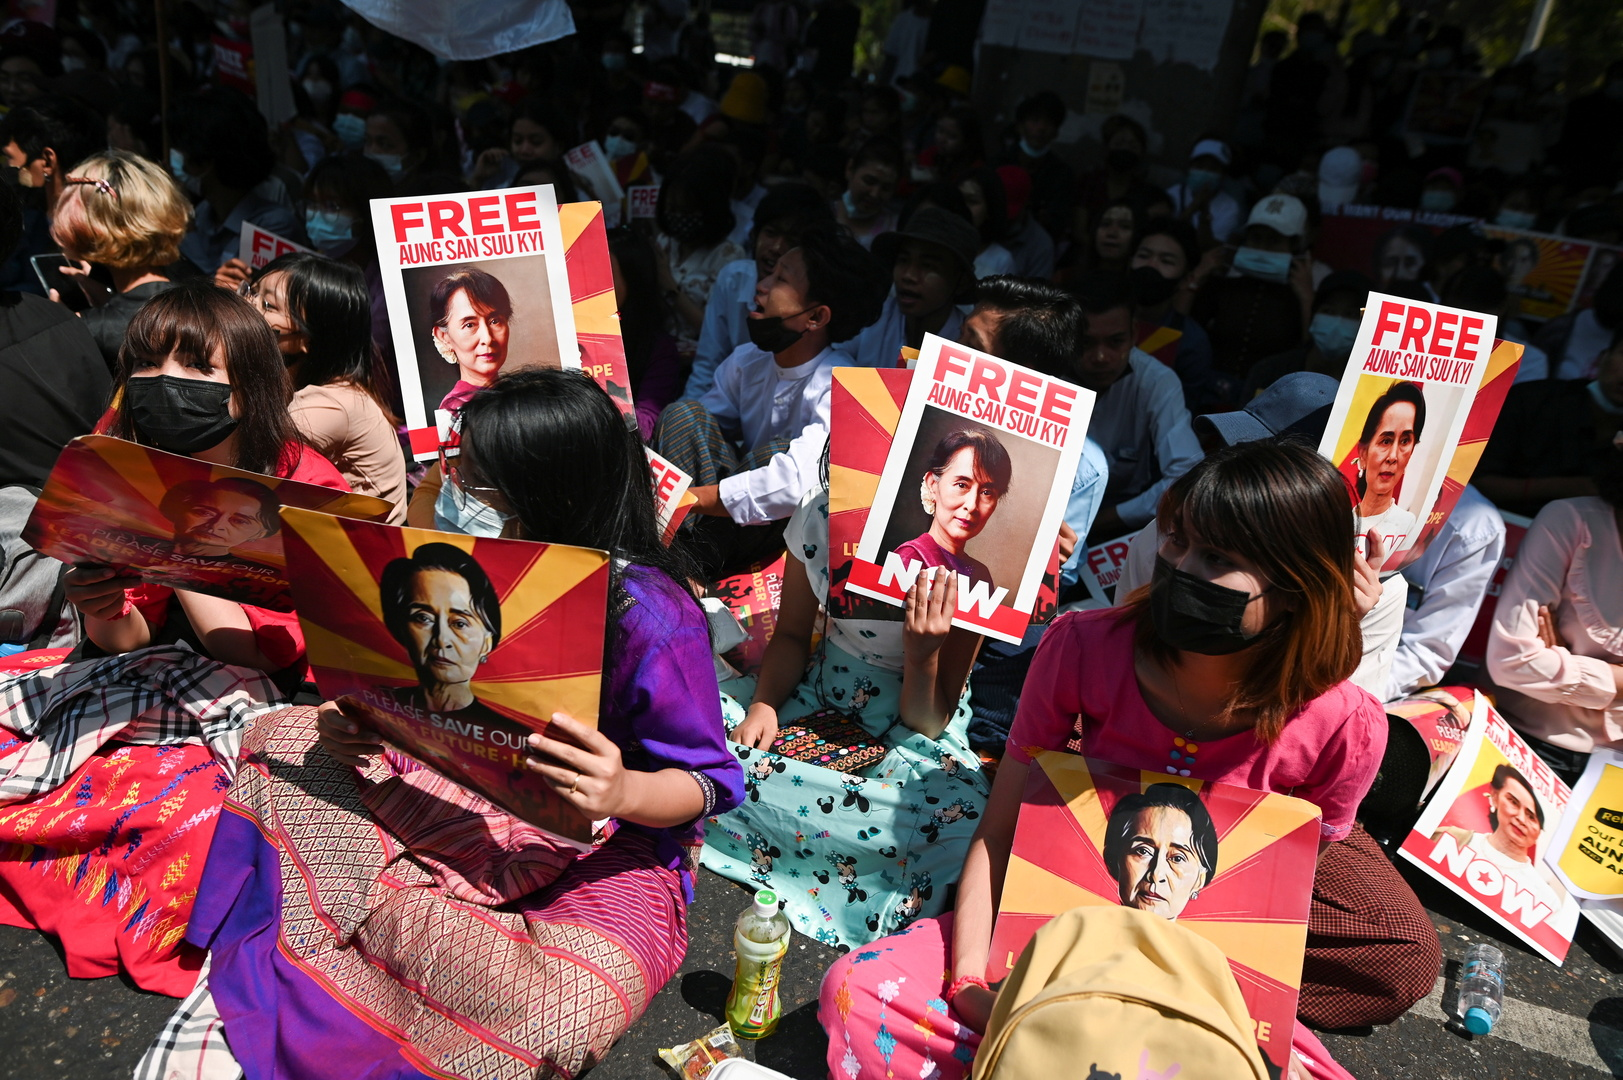 ميانمار.. مداهمات واعتقال صحفي أجنبي والبنك الدولي يرفض طلبات تمويل بعد الانقلاب